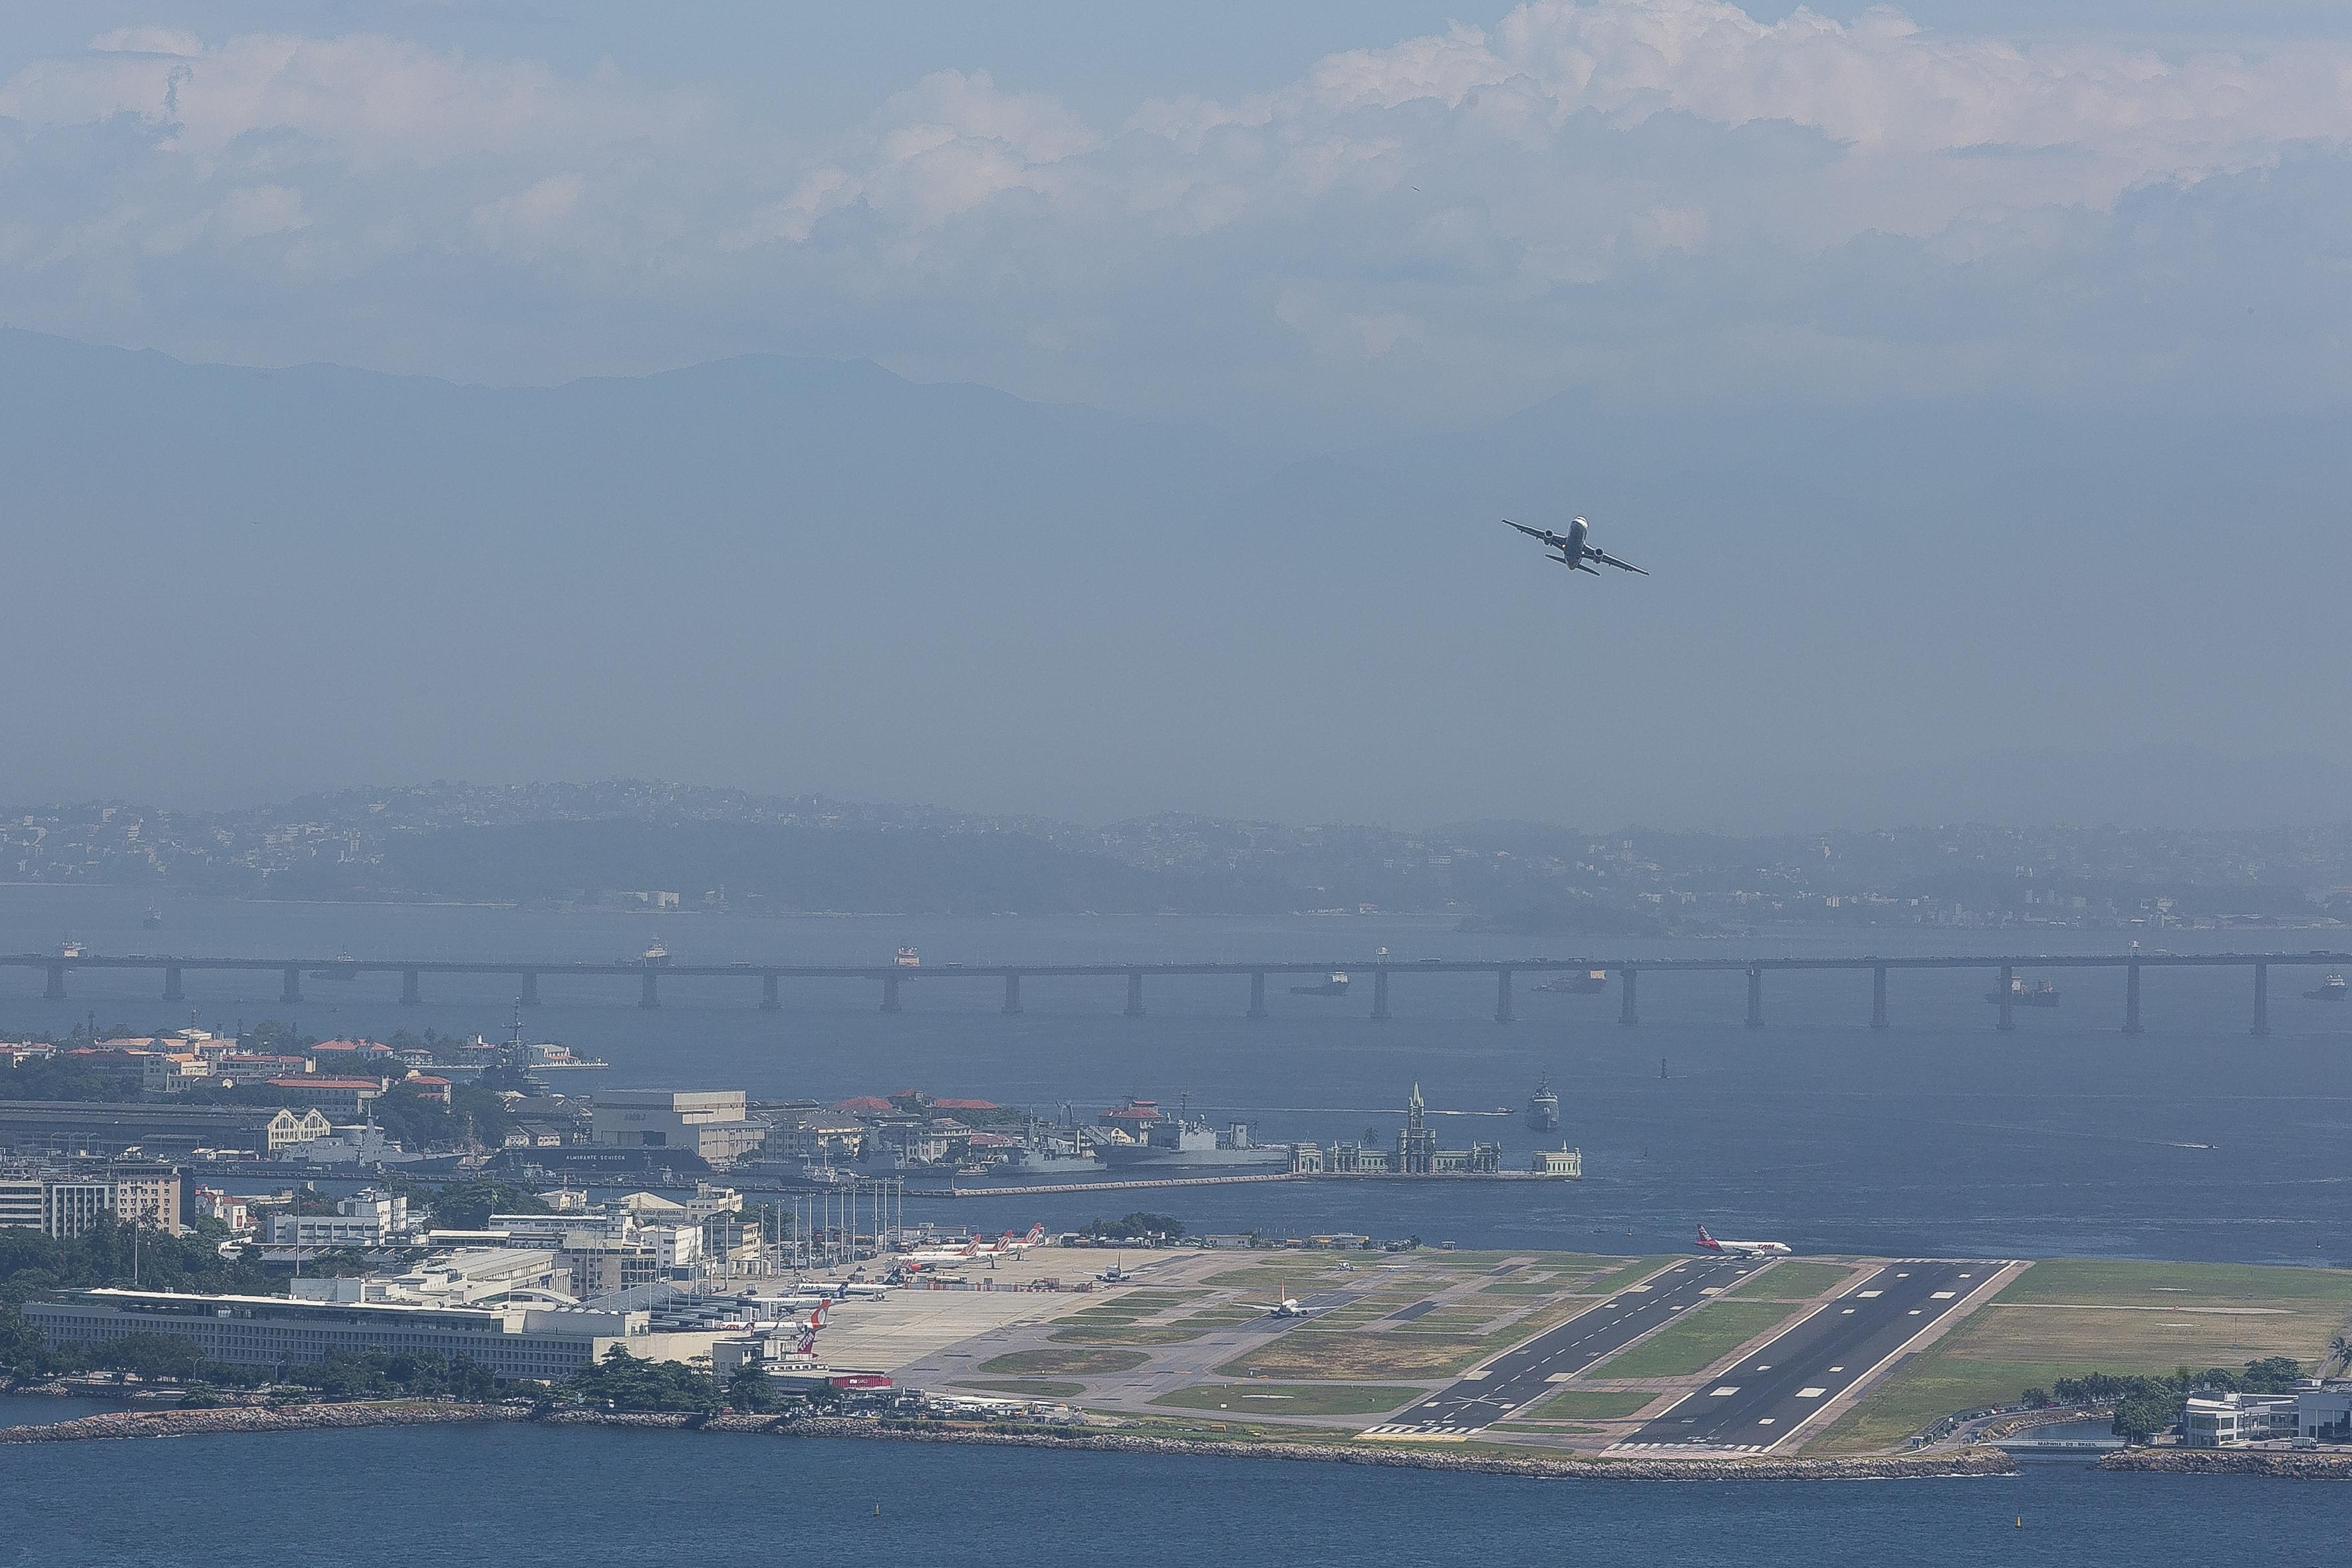 Aeroporto Santos Dumont : File aeroporto santos dumont by diego baravelli g